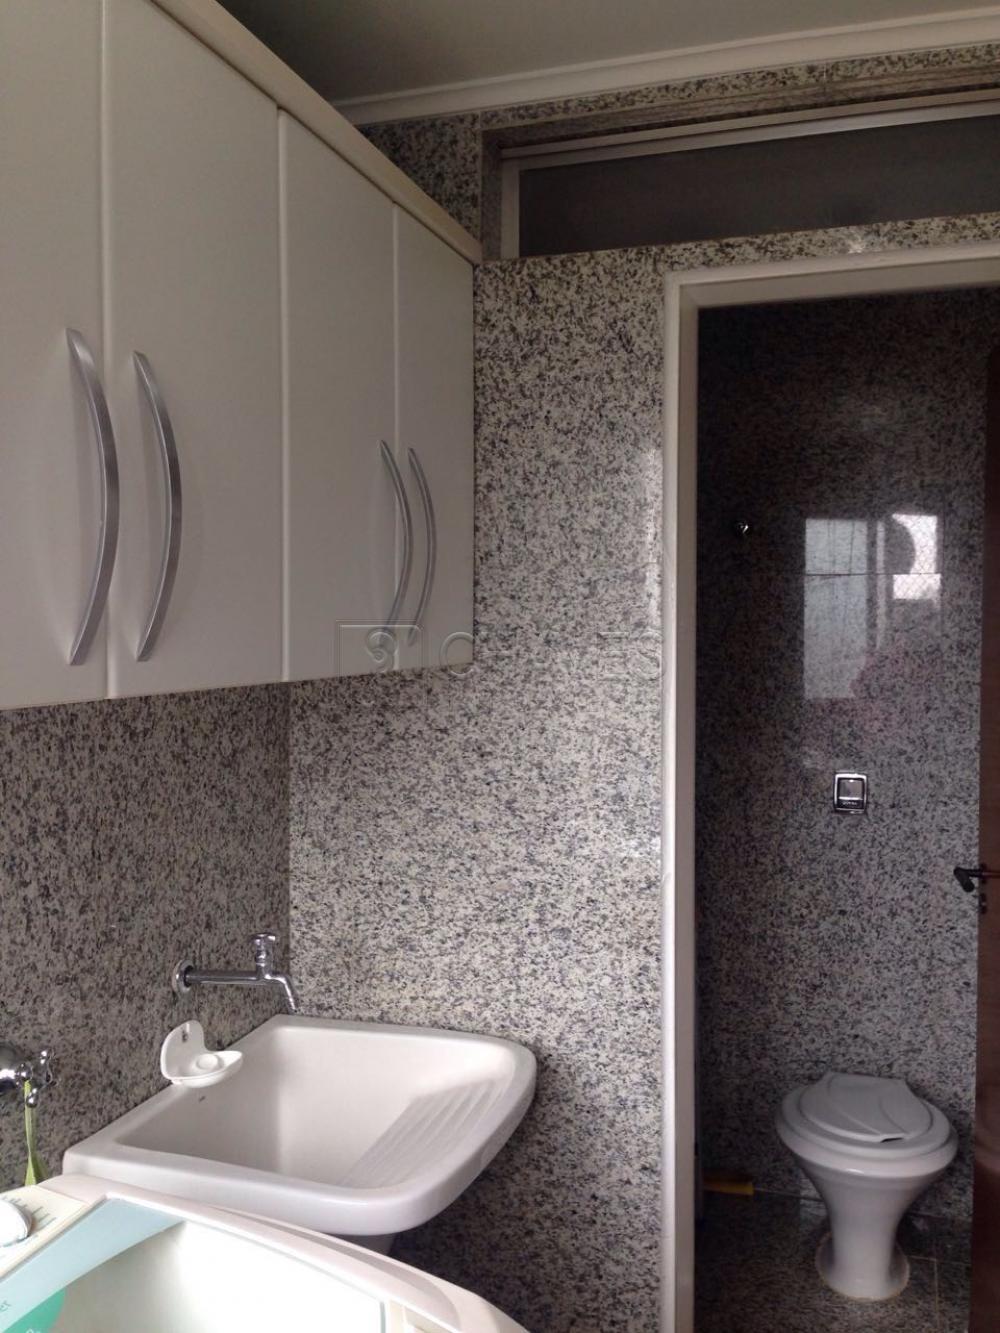 Comprar Apartamento / Padrão em Ribeirão Preto apenas R$ 415.000,00 - Foto 13